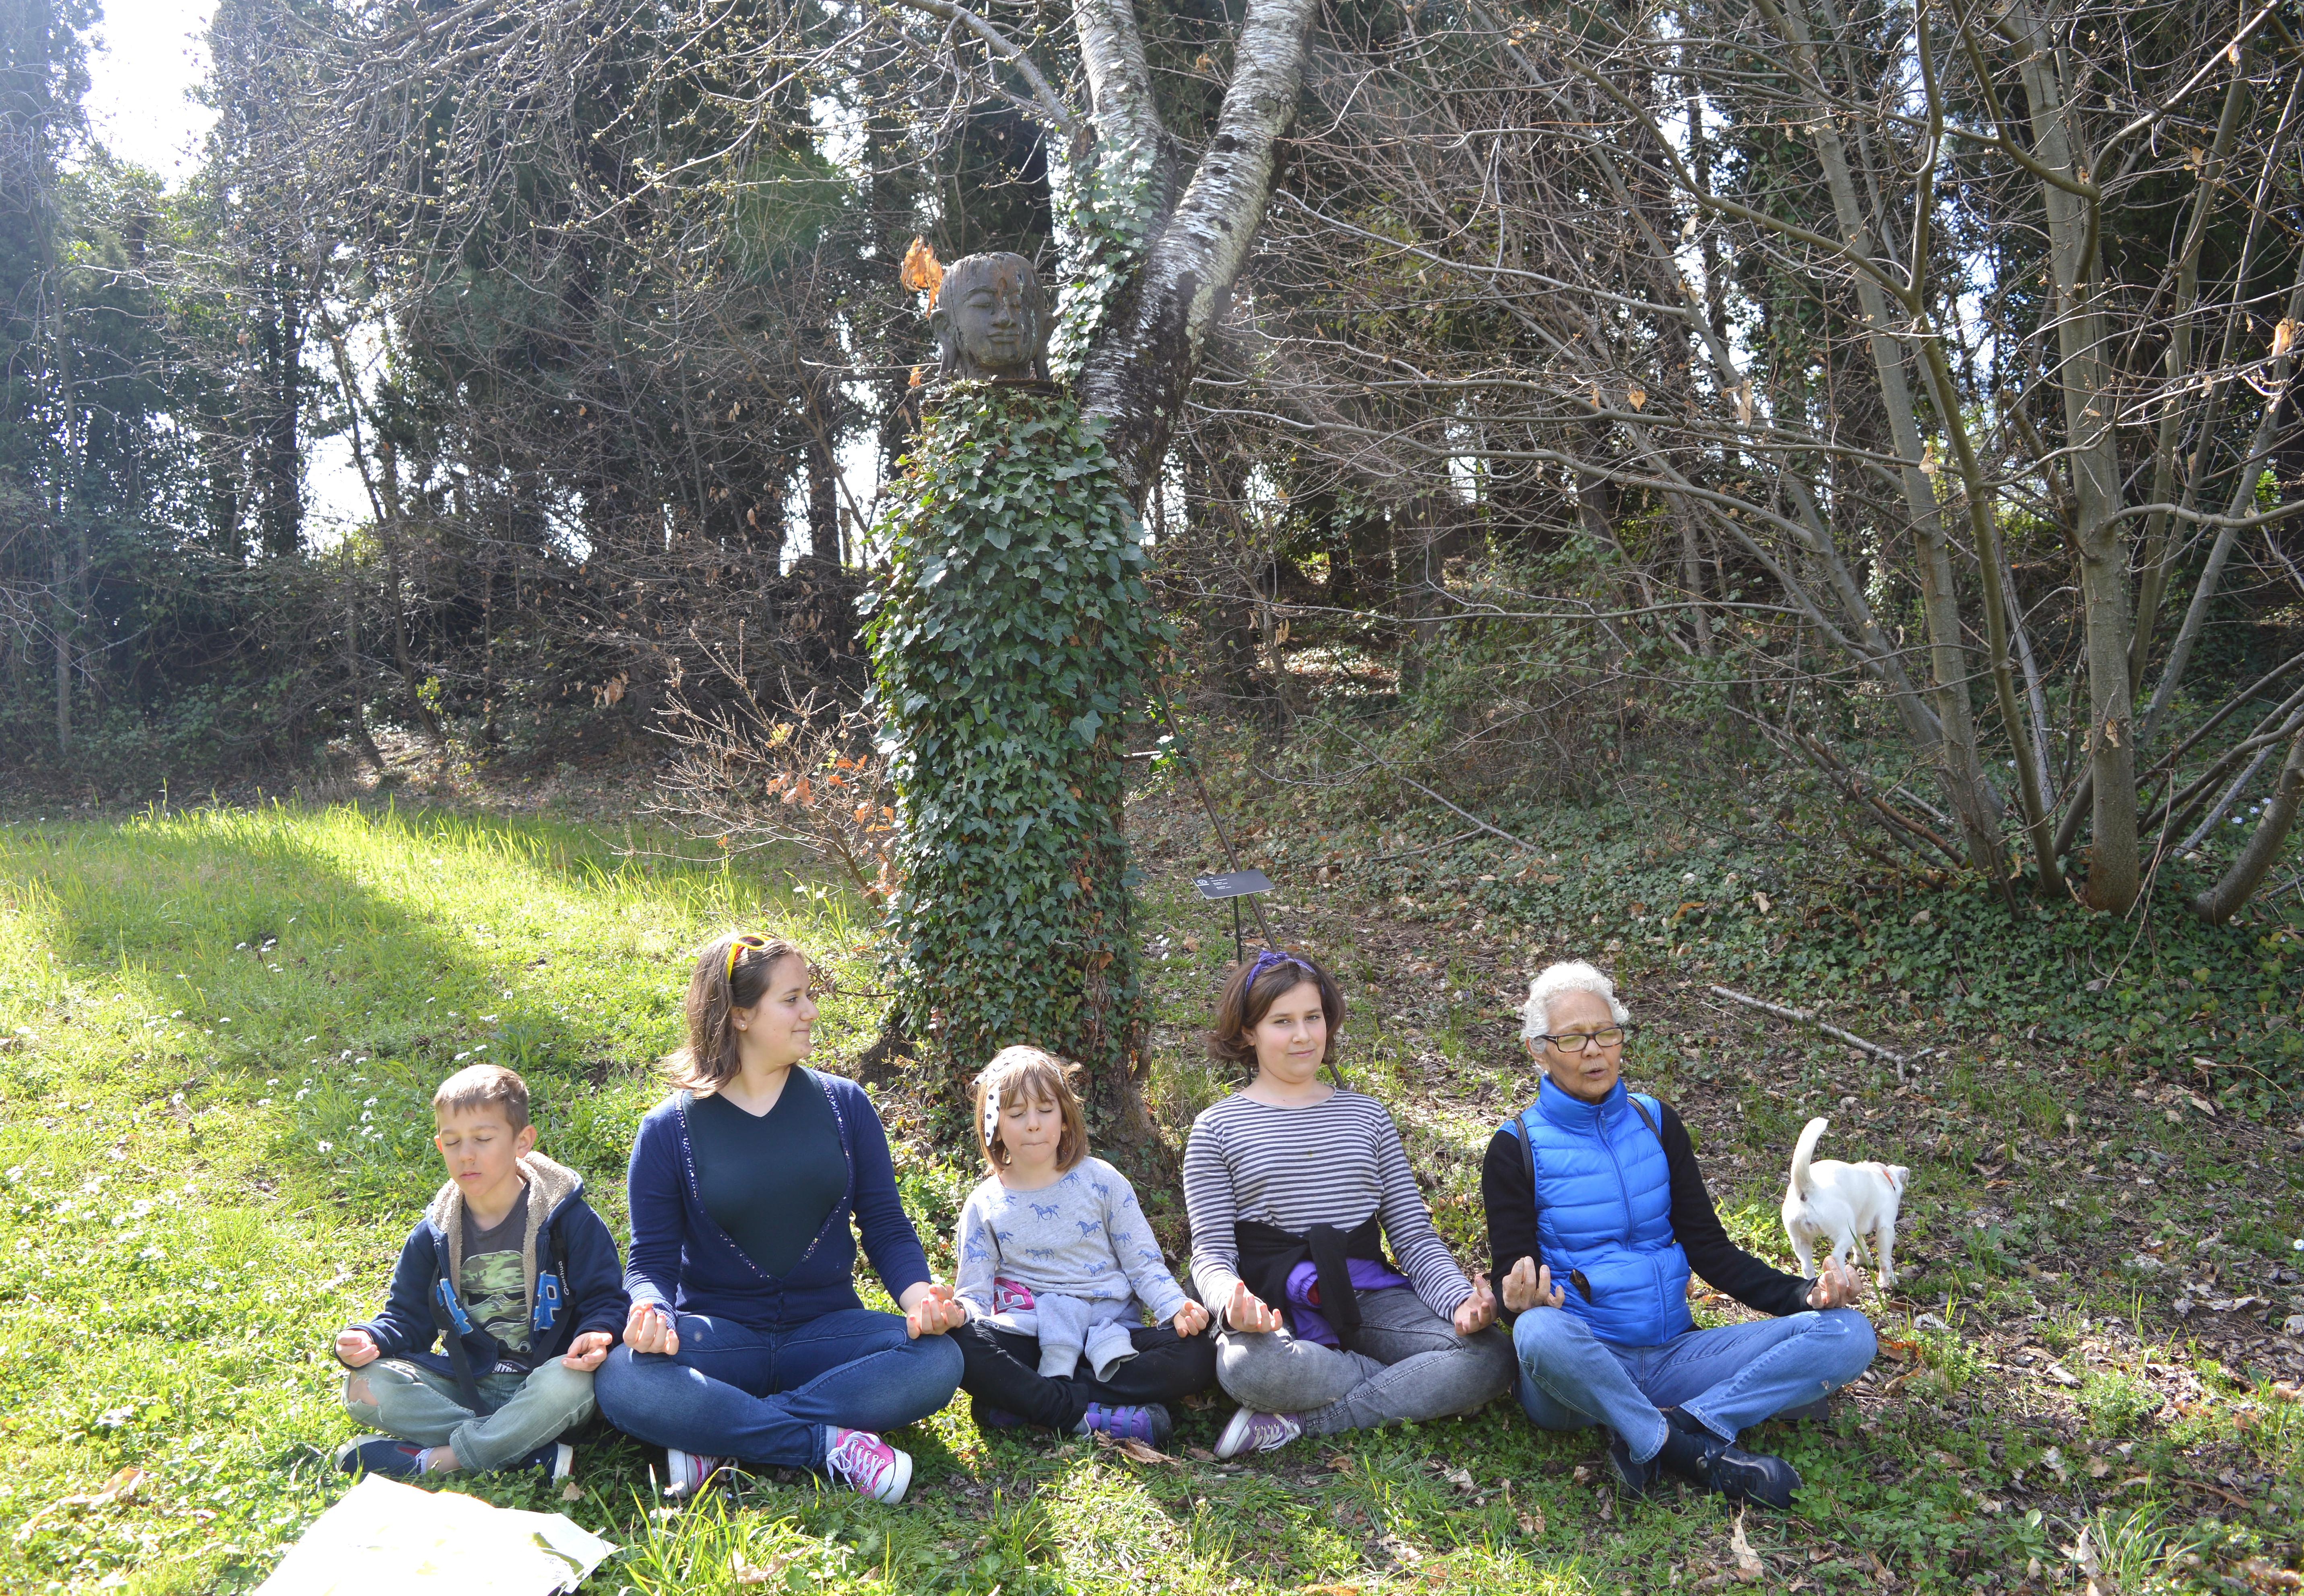 Ritorno al giardino di daniel spoerri podere argo - Giardino di daniel spoerri ...